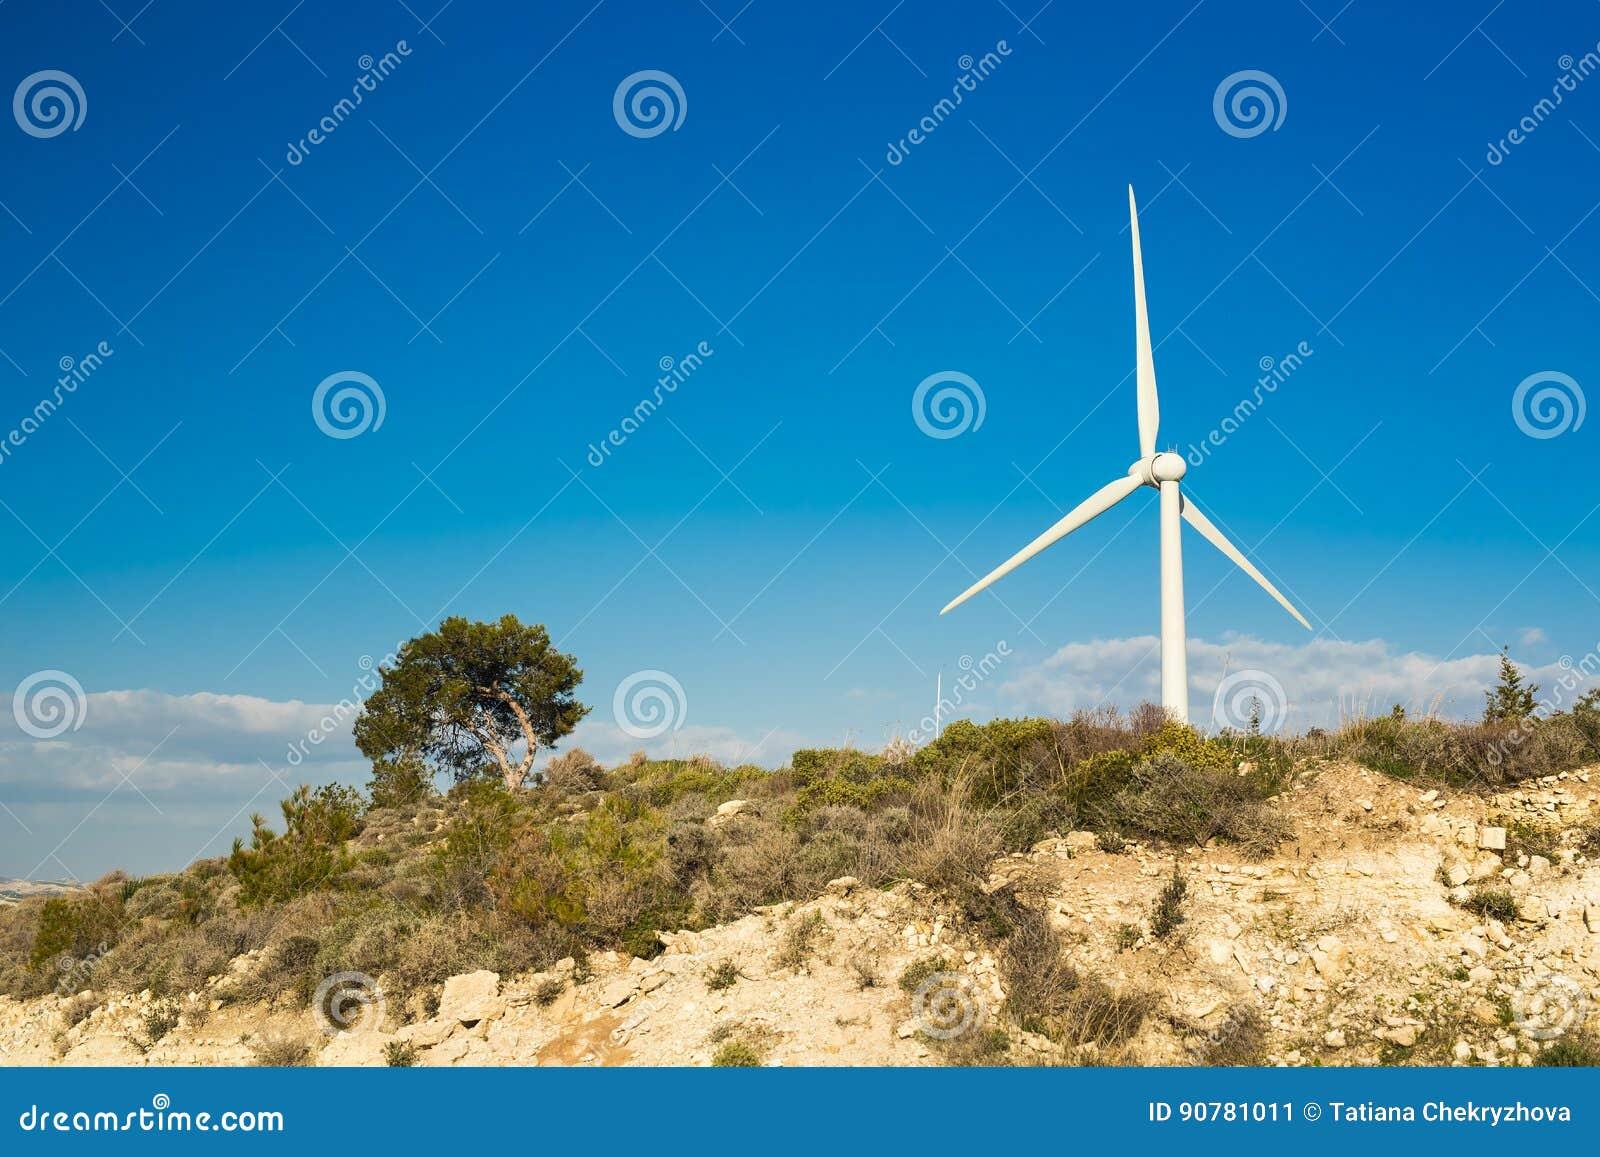 Generatore eolico che genera elettricità con cielo blu - concetto di risparmio energetico